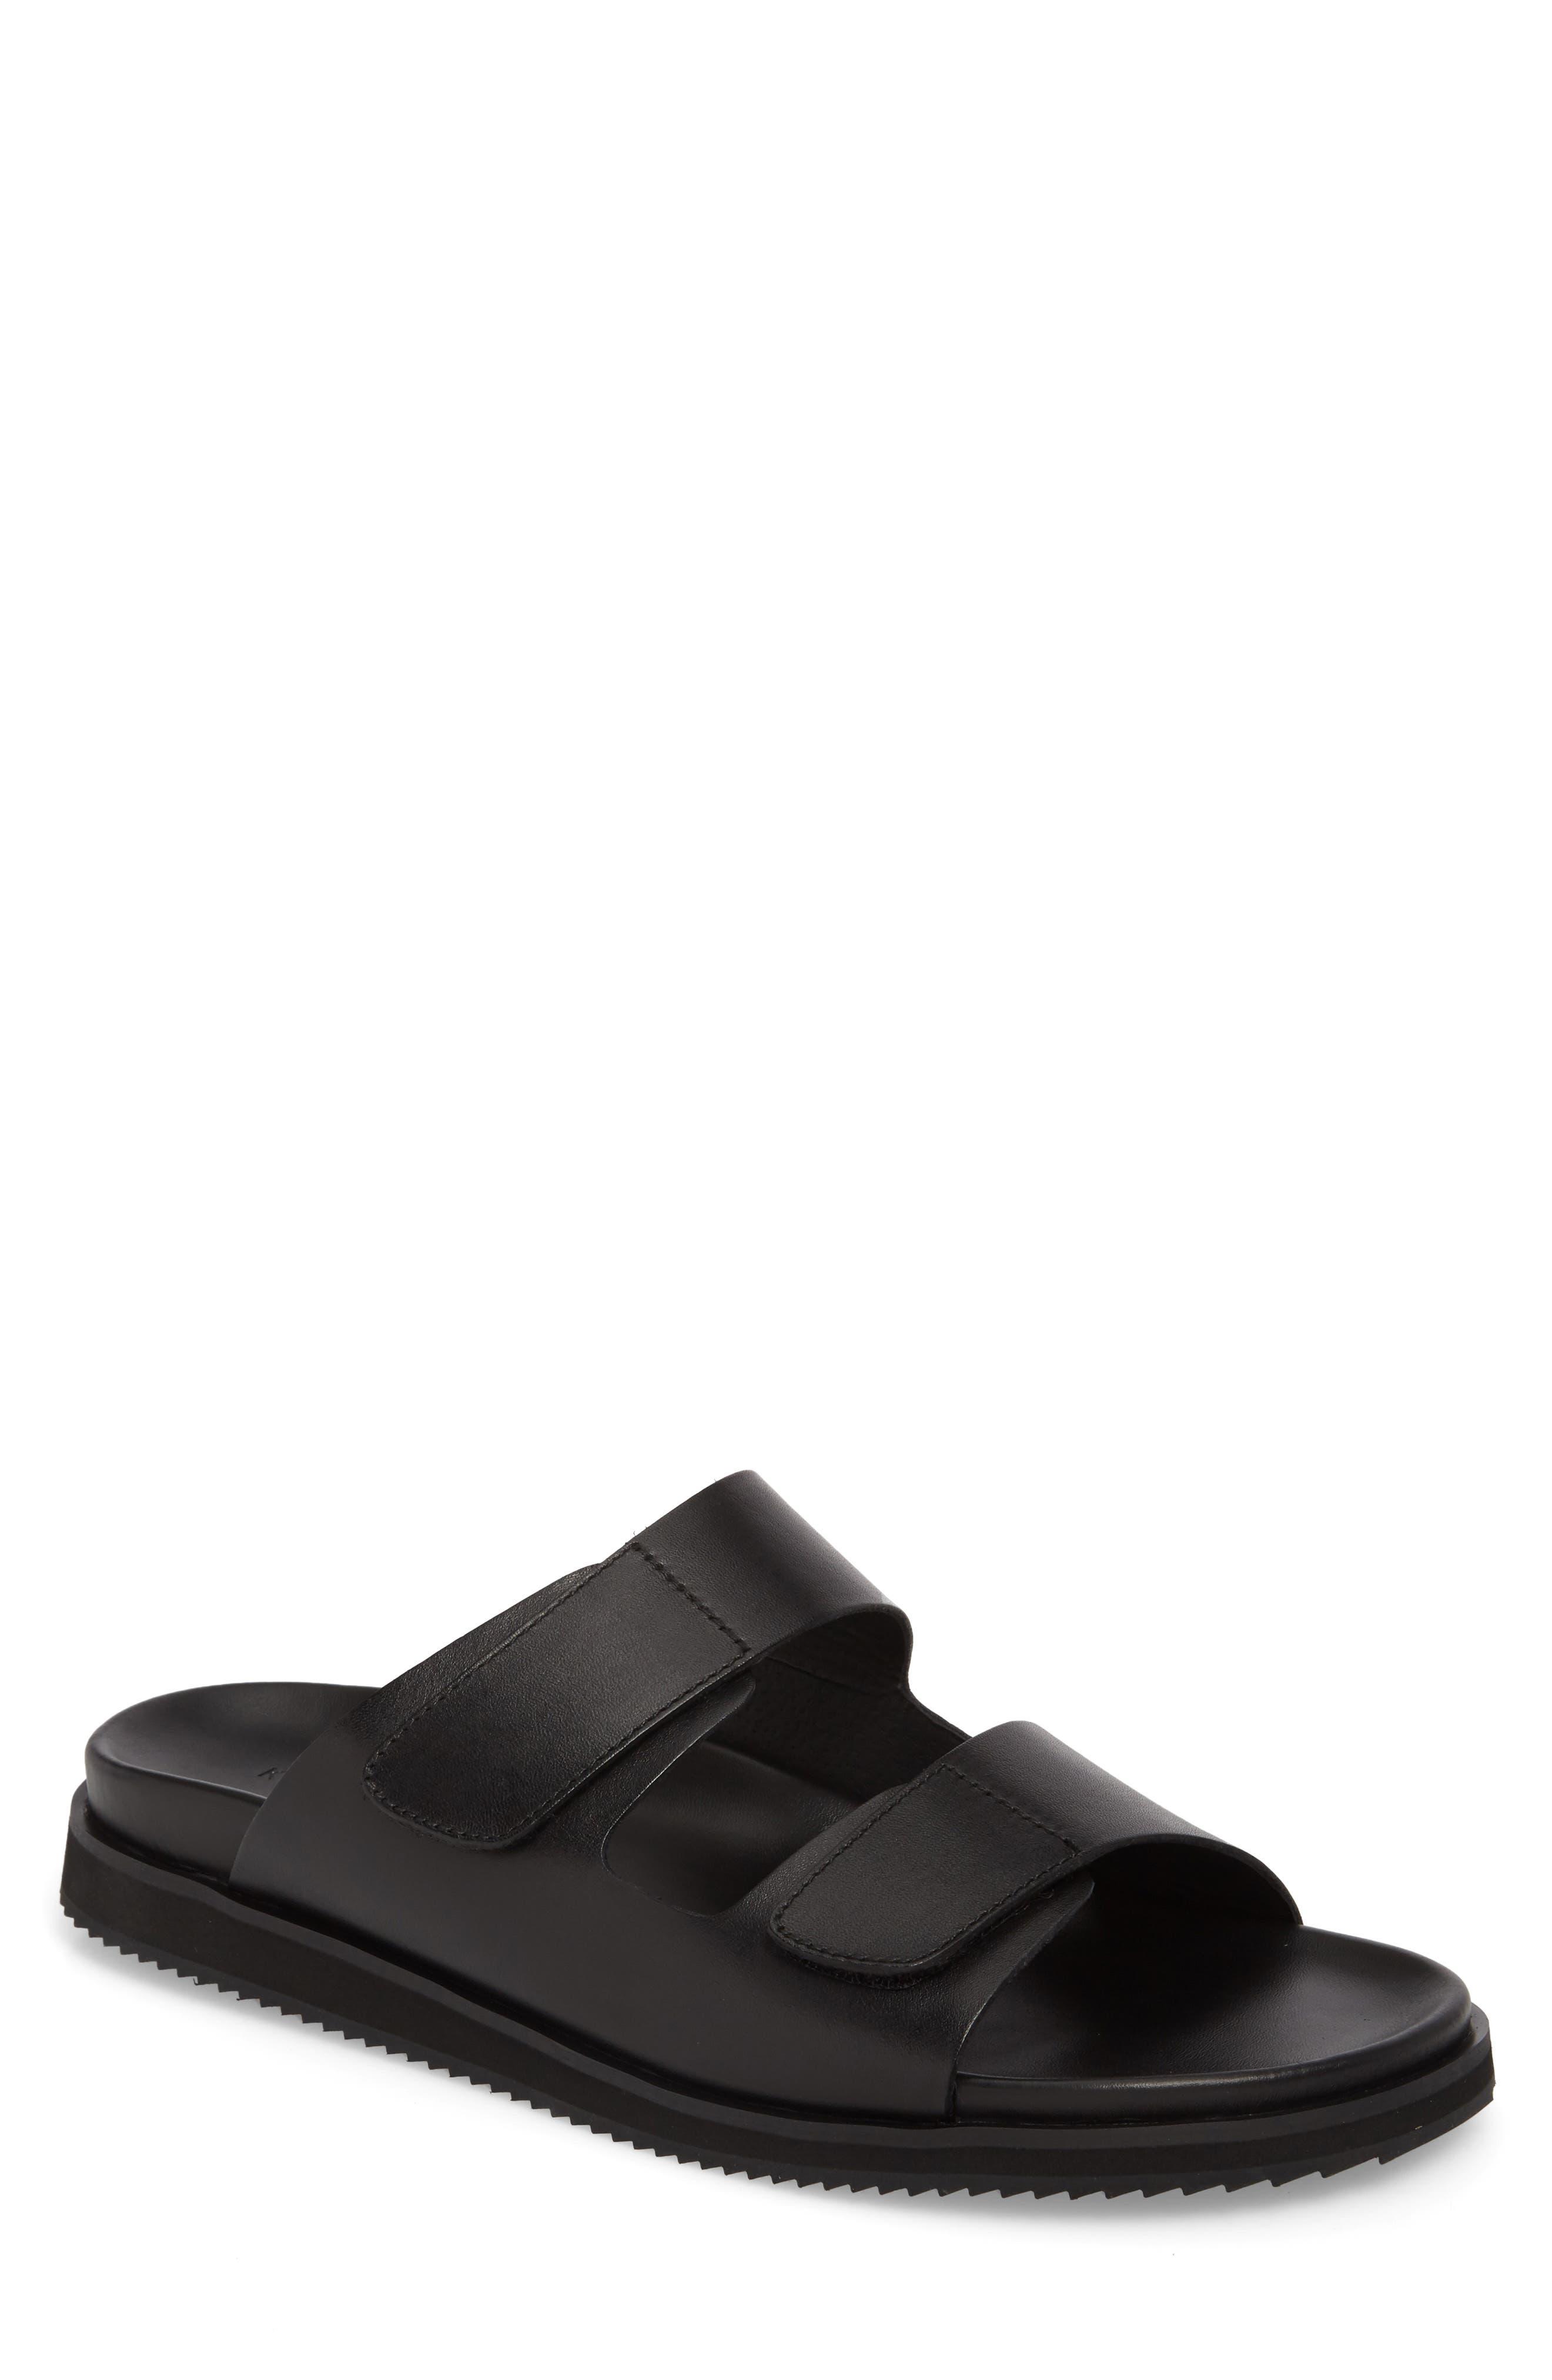 Story Slide Sandal,                         Main,                         color, Black Leather